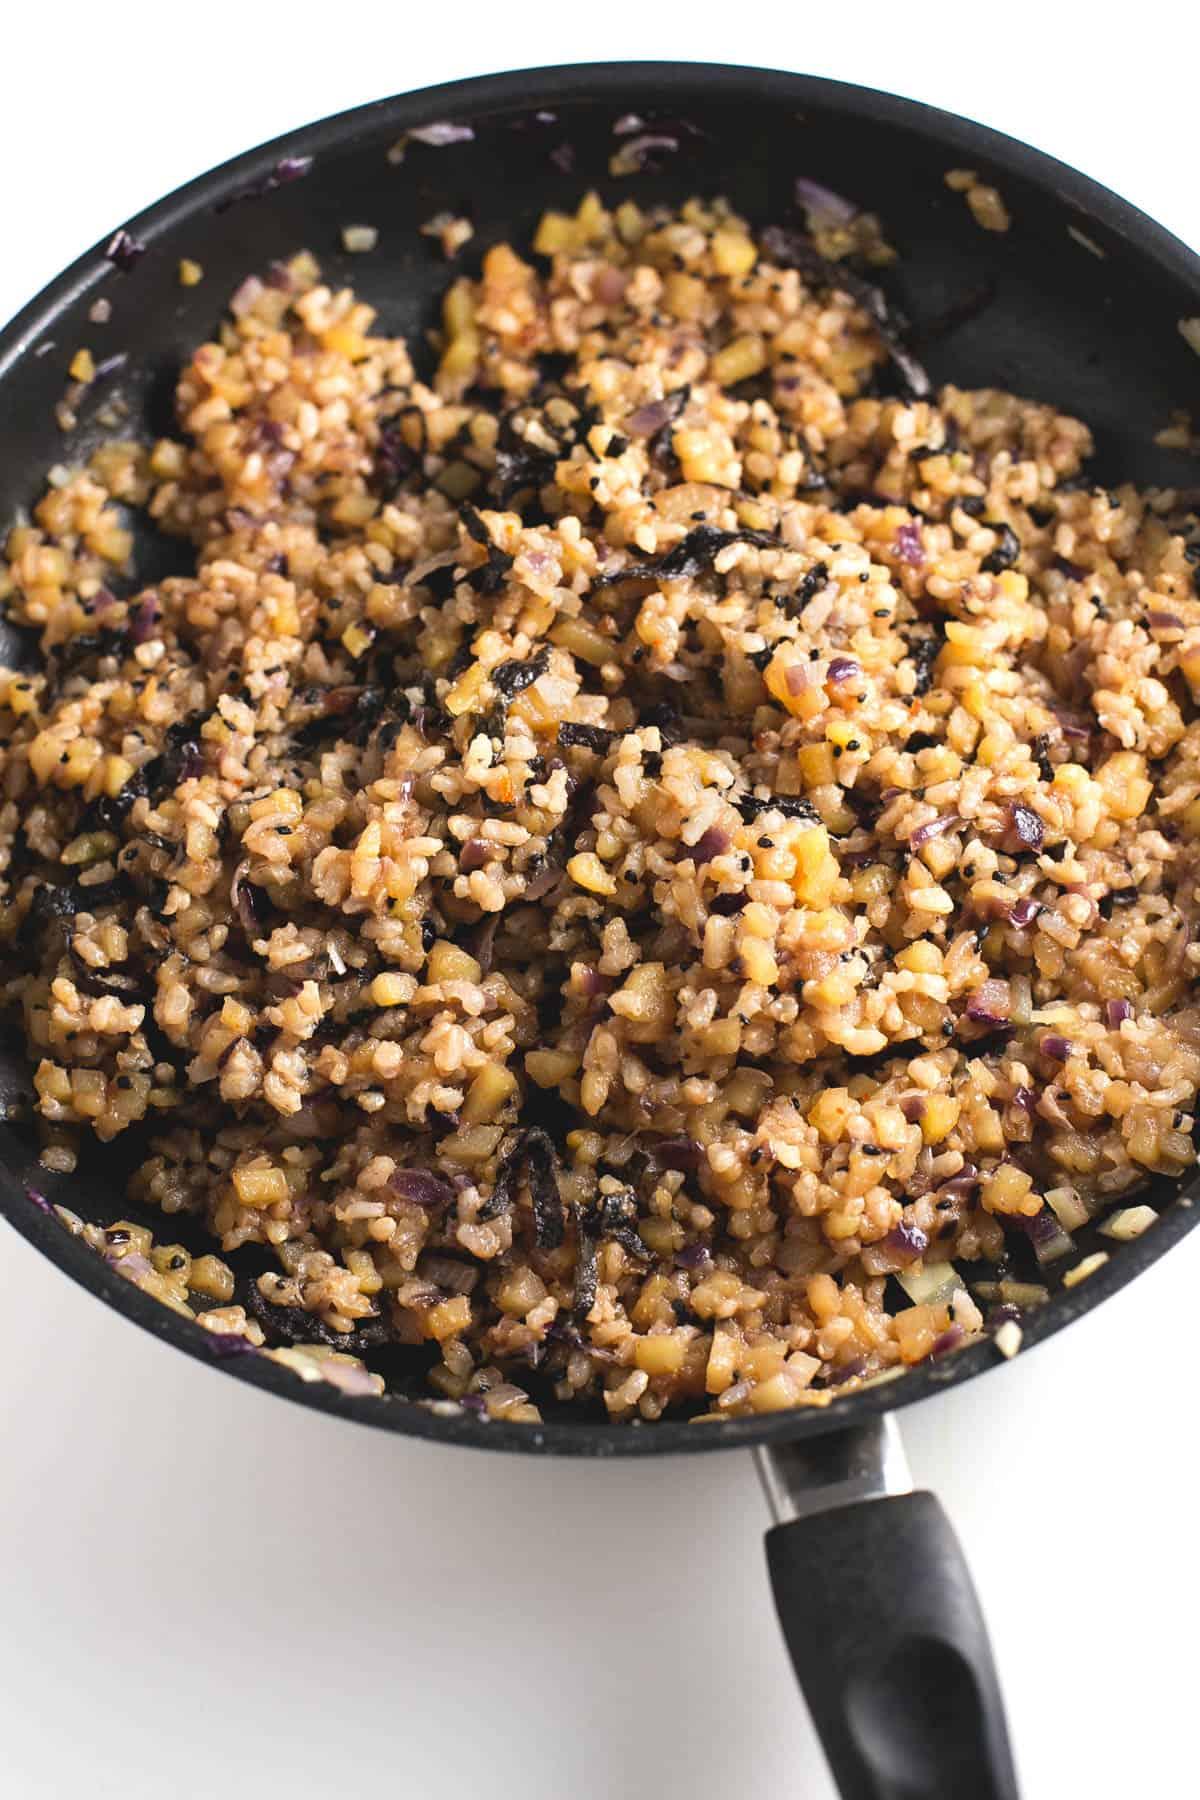 Arroz frito con patatas estilo asiatico - Esta receta de arroz frito con patatas estilo asiático es una de nuestras preferidas y la preparamos casi todas las semanas. Además, es muy económica.